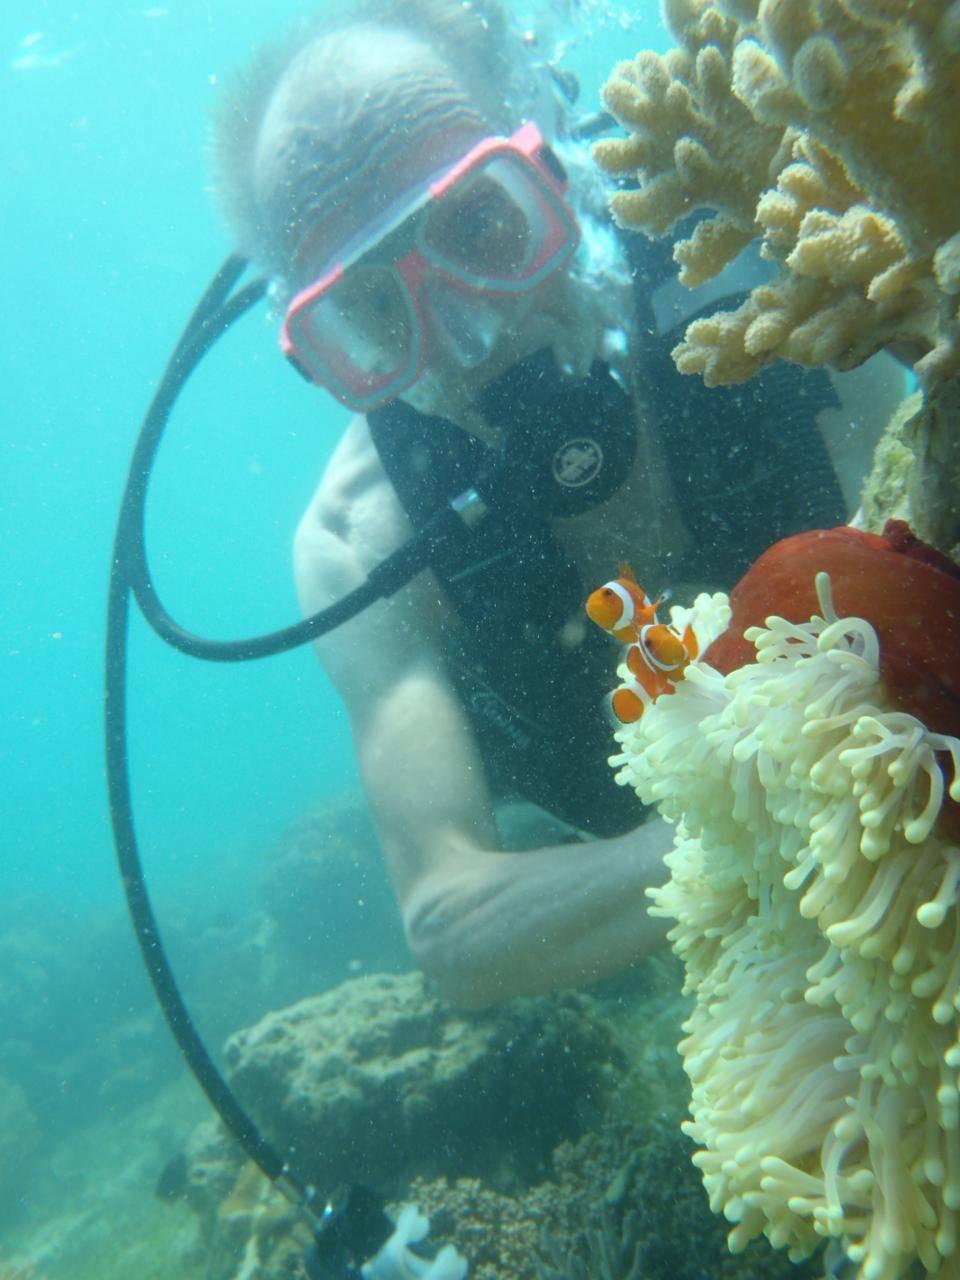 PJ Davao Samal 20100816 Paradise Island Dive Jan With Sea Anemone Fish 2PJ Davao Samal 20100816 Paradise Island Dive Jan With Sea Anemone Fish 2